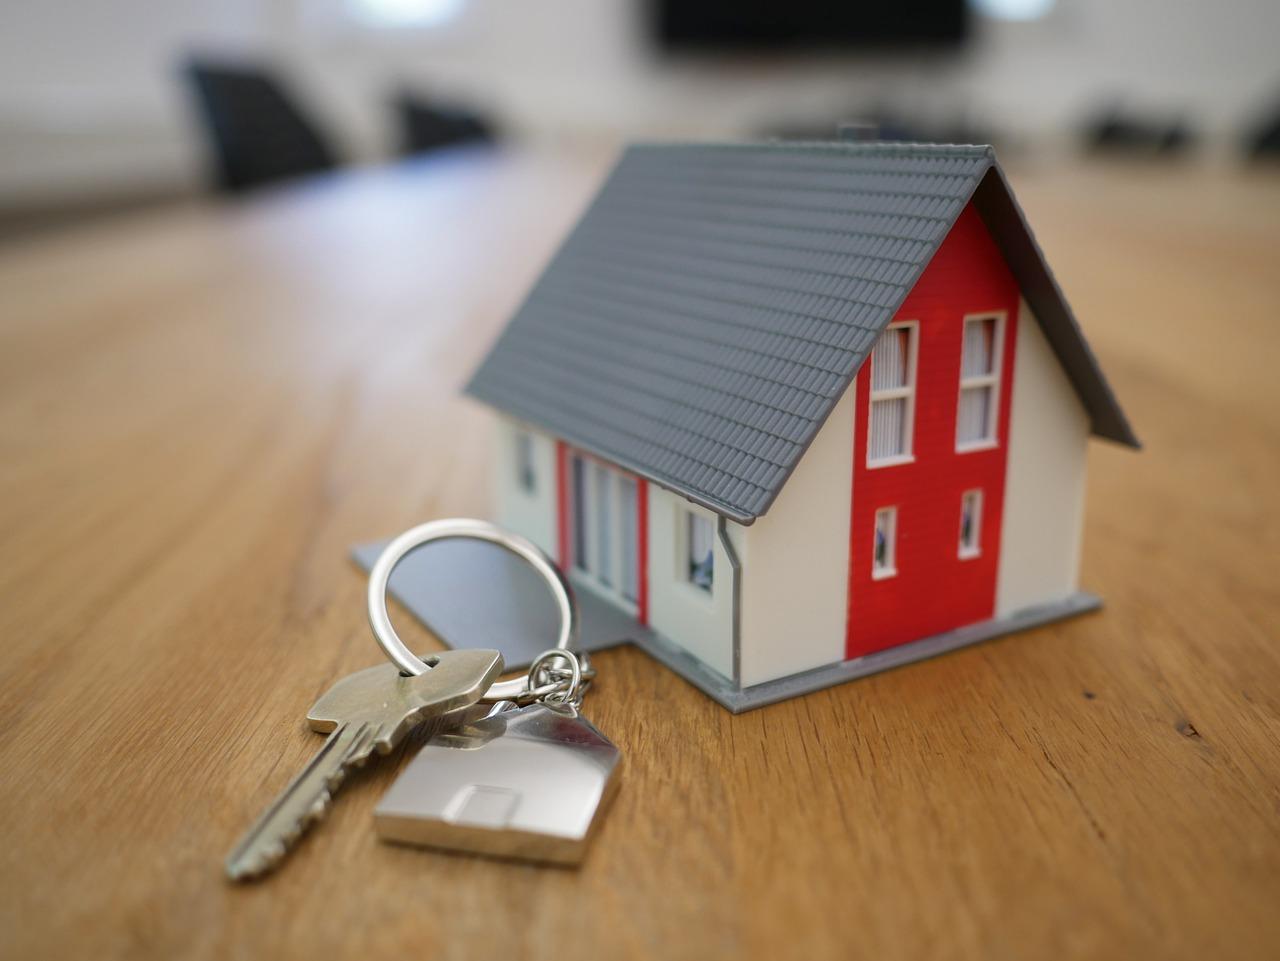 Продажа квартиры. Необходимые документы и подводные камни